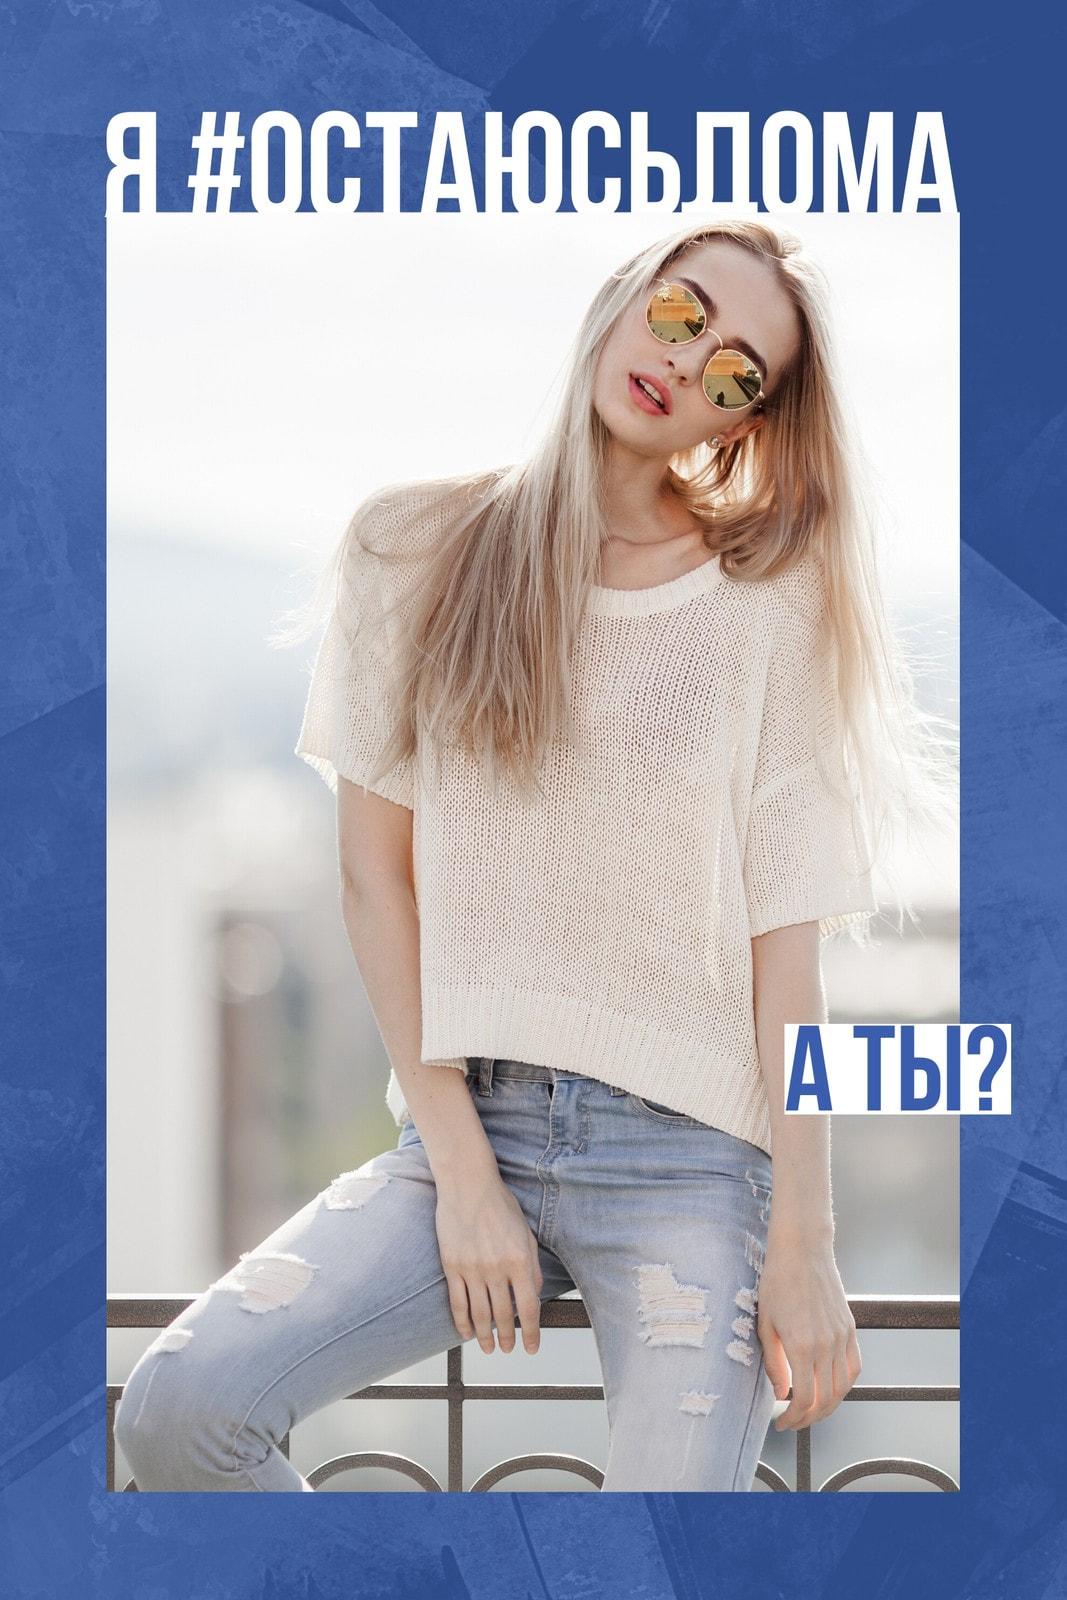 Синее и белое изображение профиля ВК с фотографией девушки в рамке